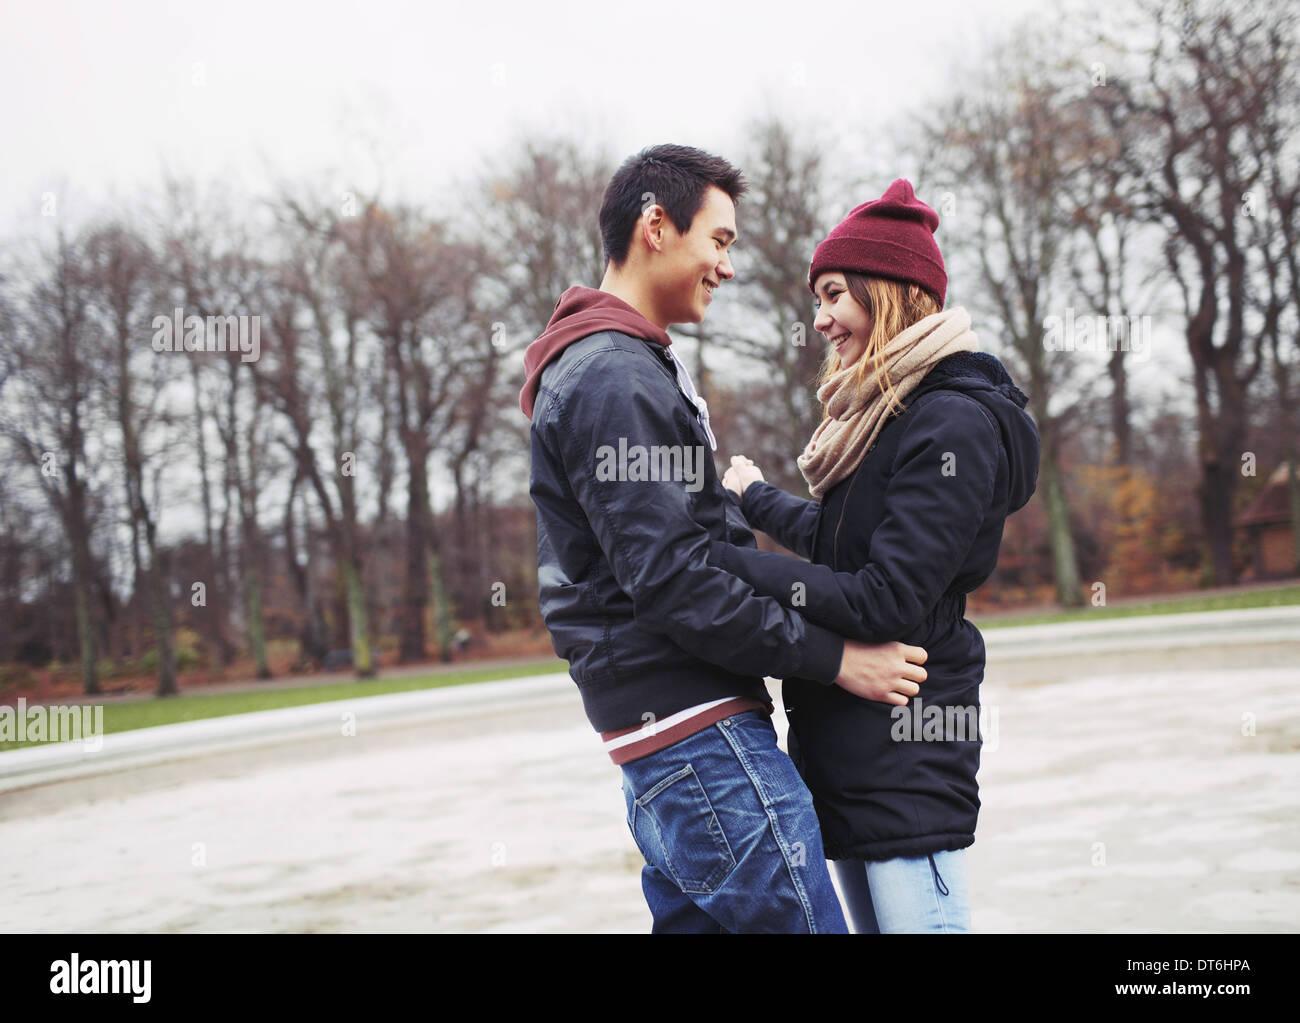 Apuesto joven y bella mujer de pie juntos miran sonrientes. Adolescentes de raza mixta par en amor Imagen De Stock